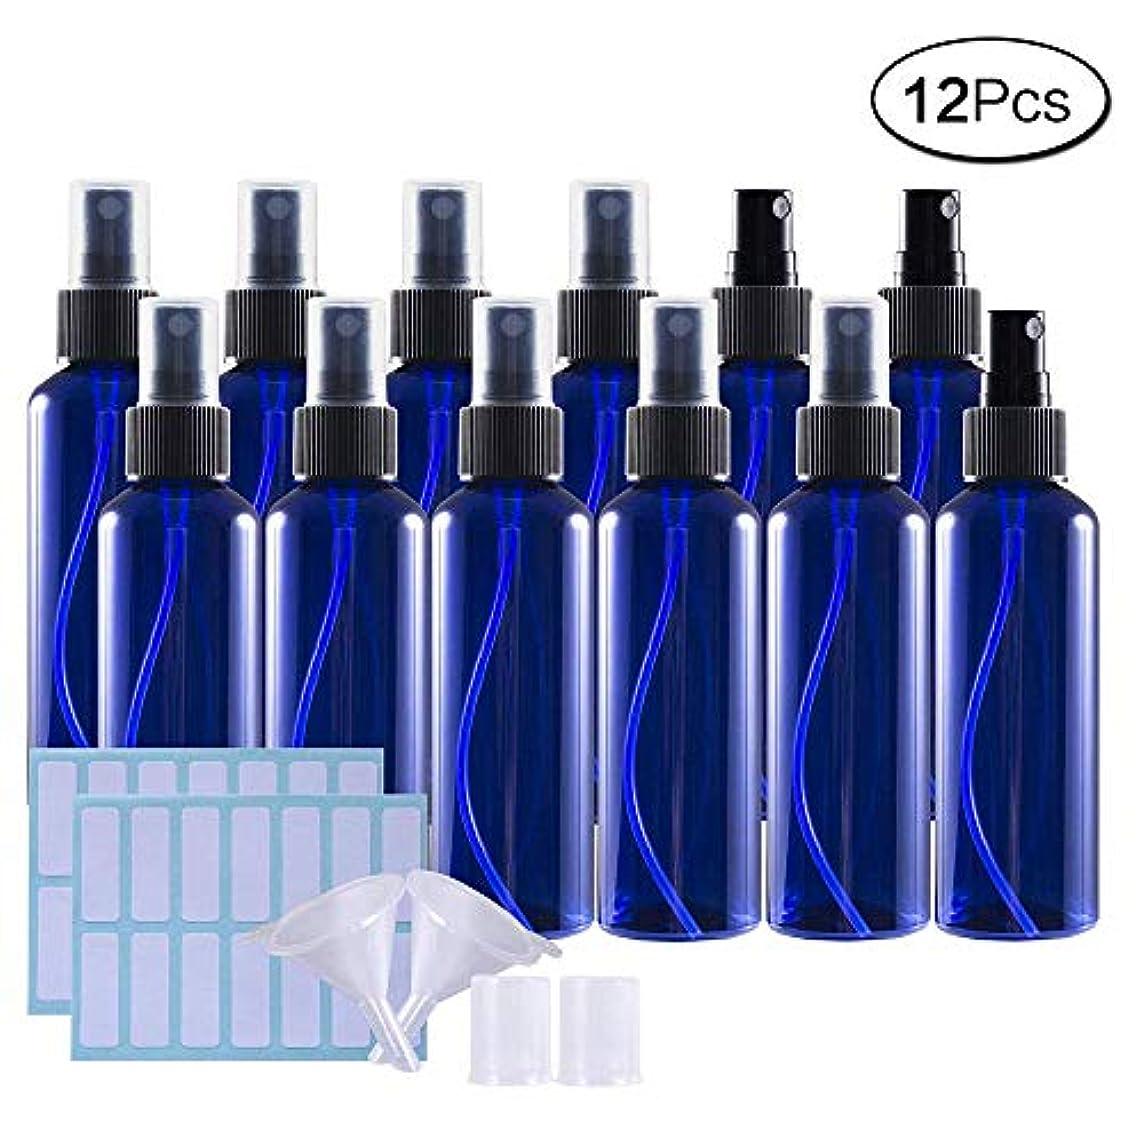 どちらか歯科医再発する100mlスプレーボトル 12個セット遮光瓶 小分けボトル プラスチック容器 液体用空ボトル 化粧品 収納瓶